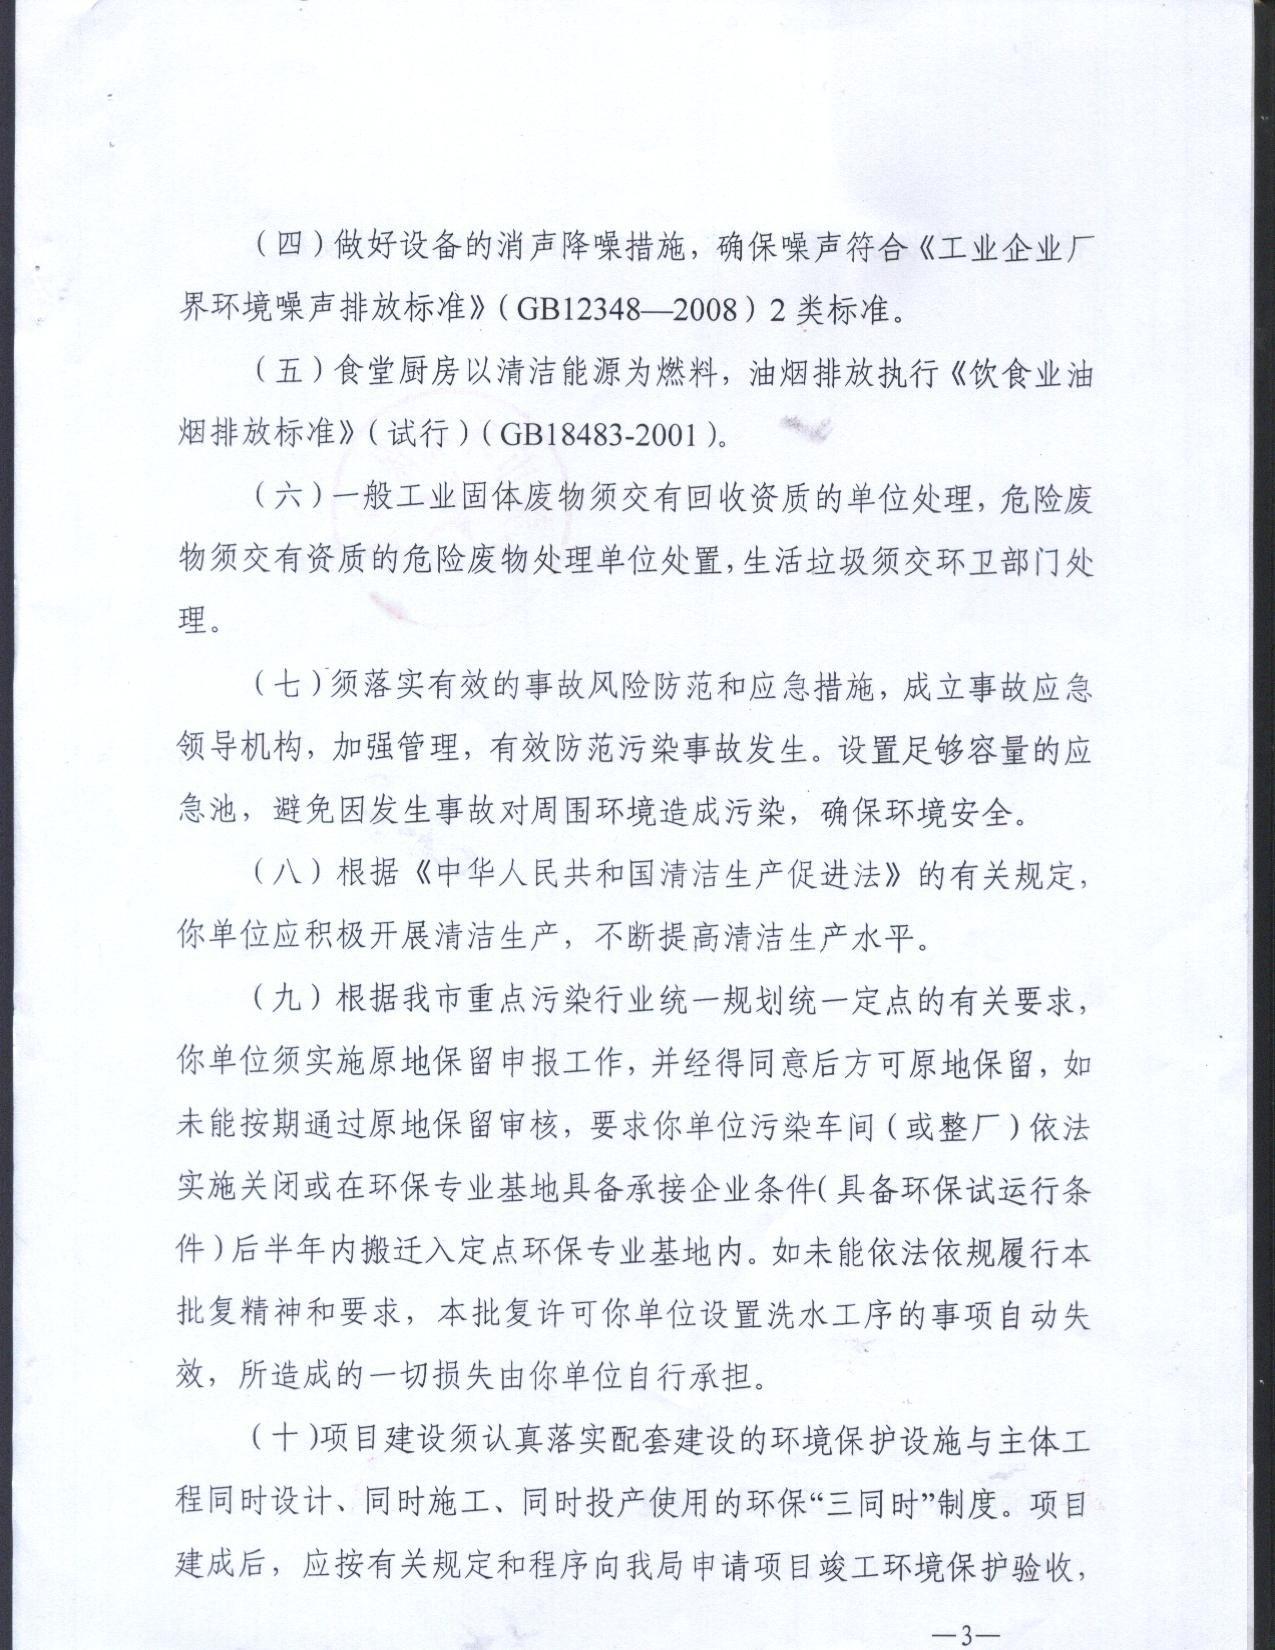 東莞環評報告表辦理,環境影響登記表編寫